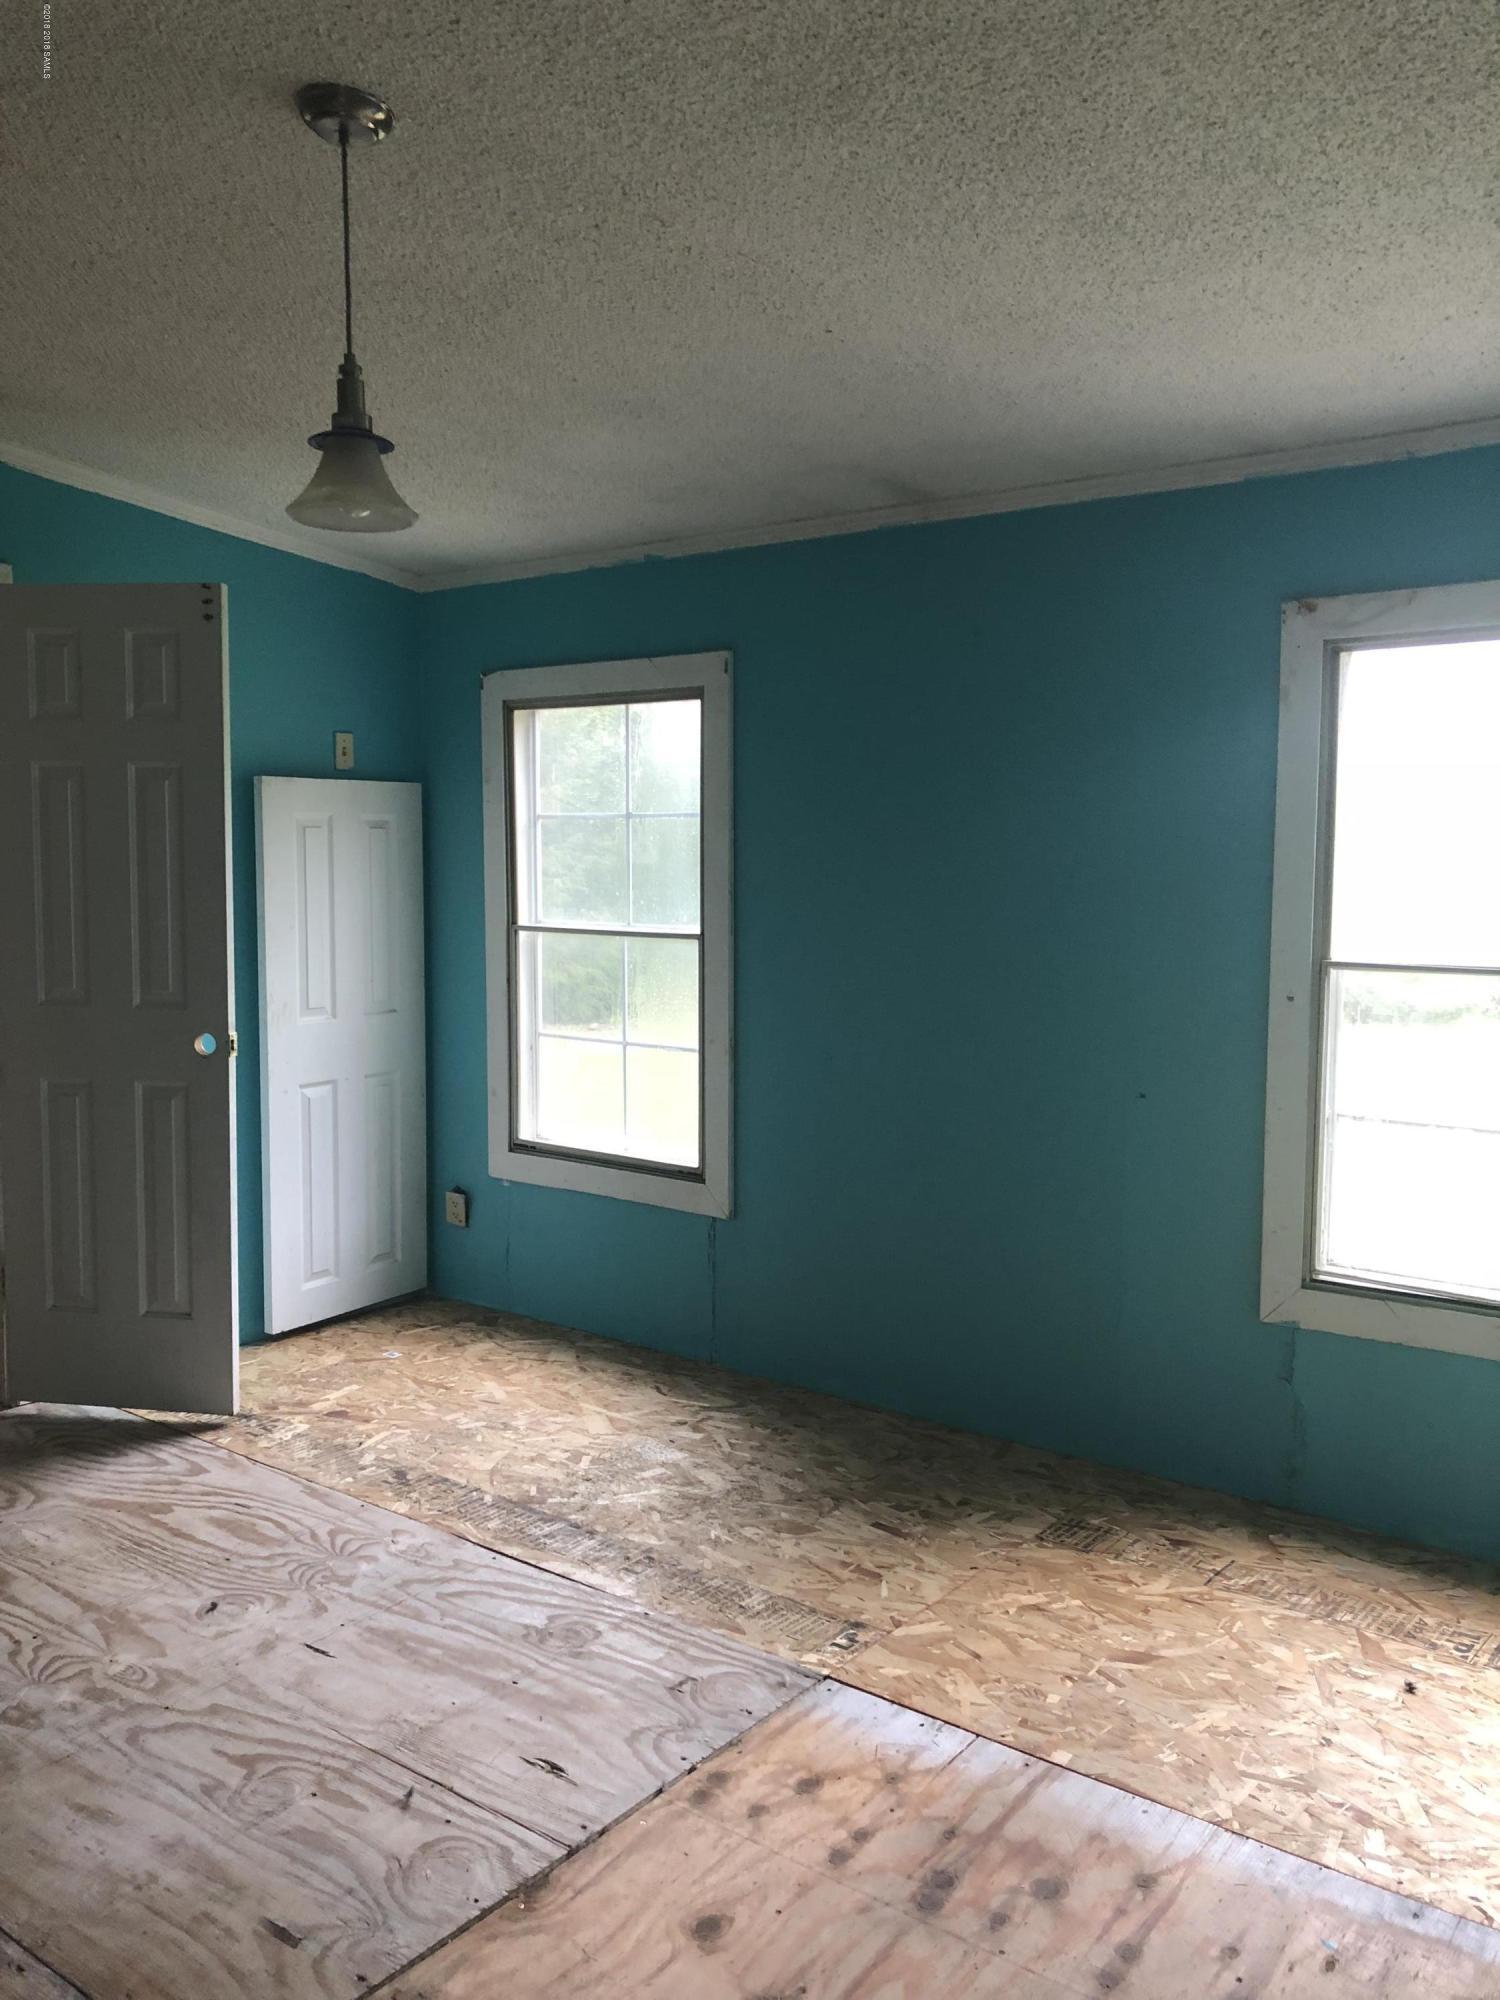 216 Harris Road, Corinth NY 12822 photo 12